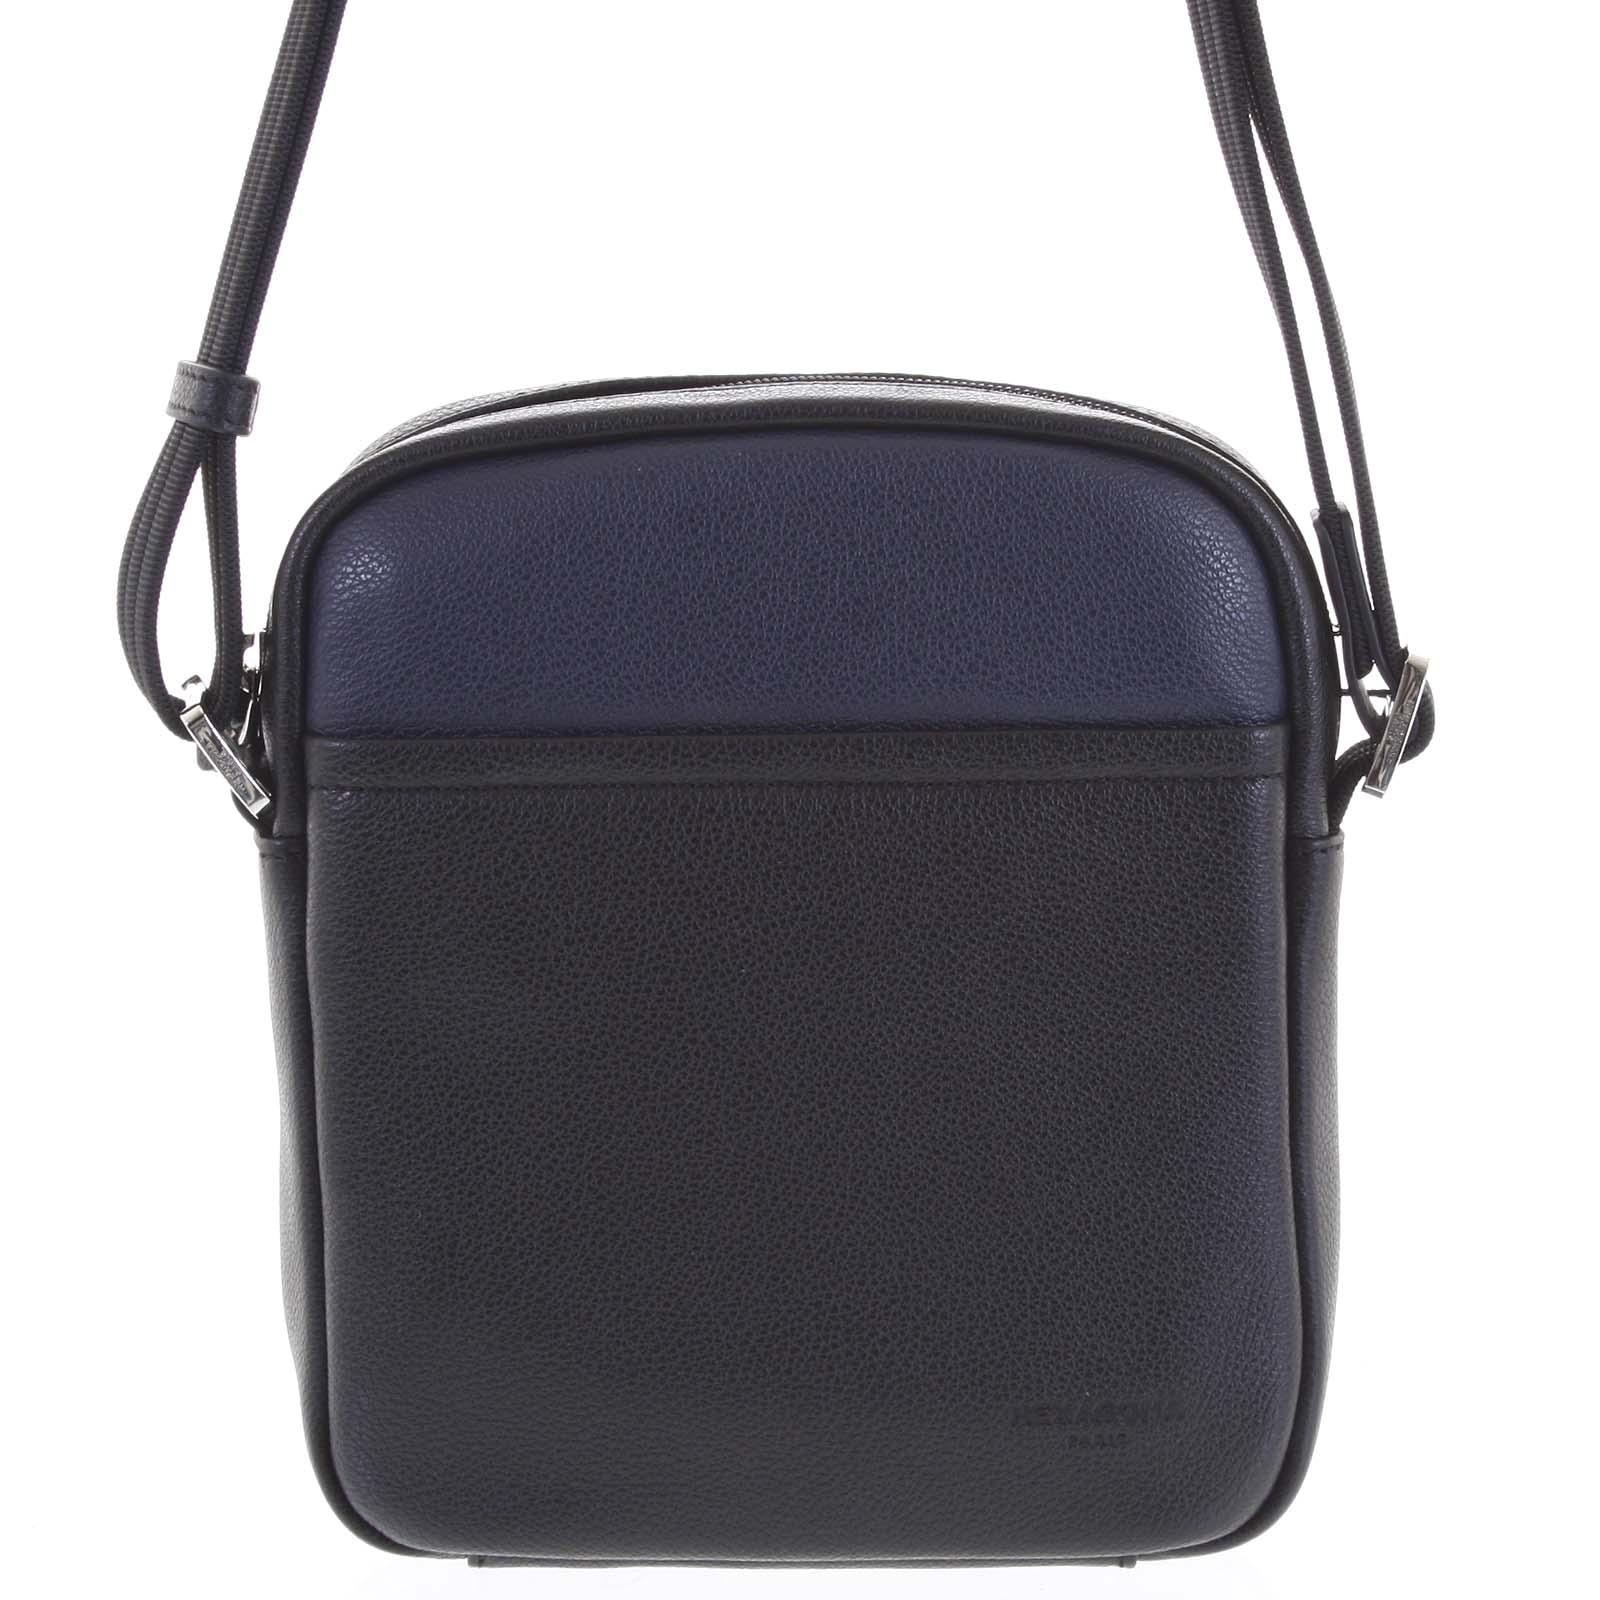 Levně Pánská kožená taška na doklady černo modrá - Hexagona Thursday